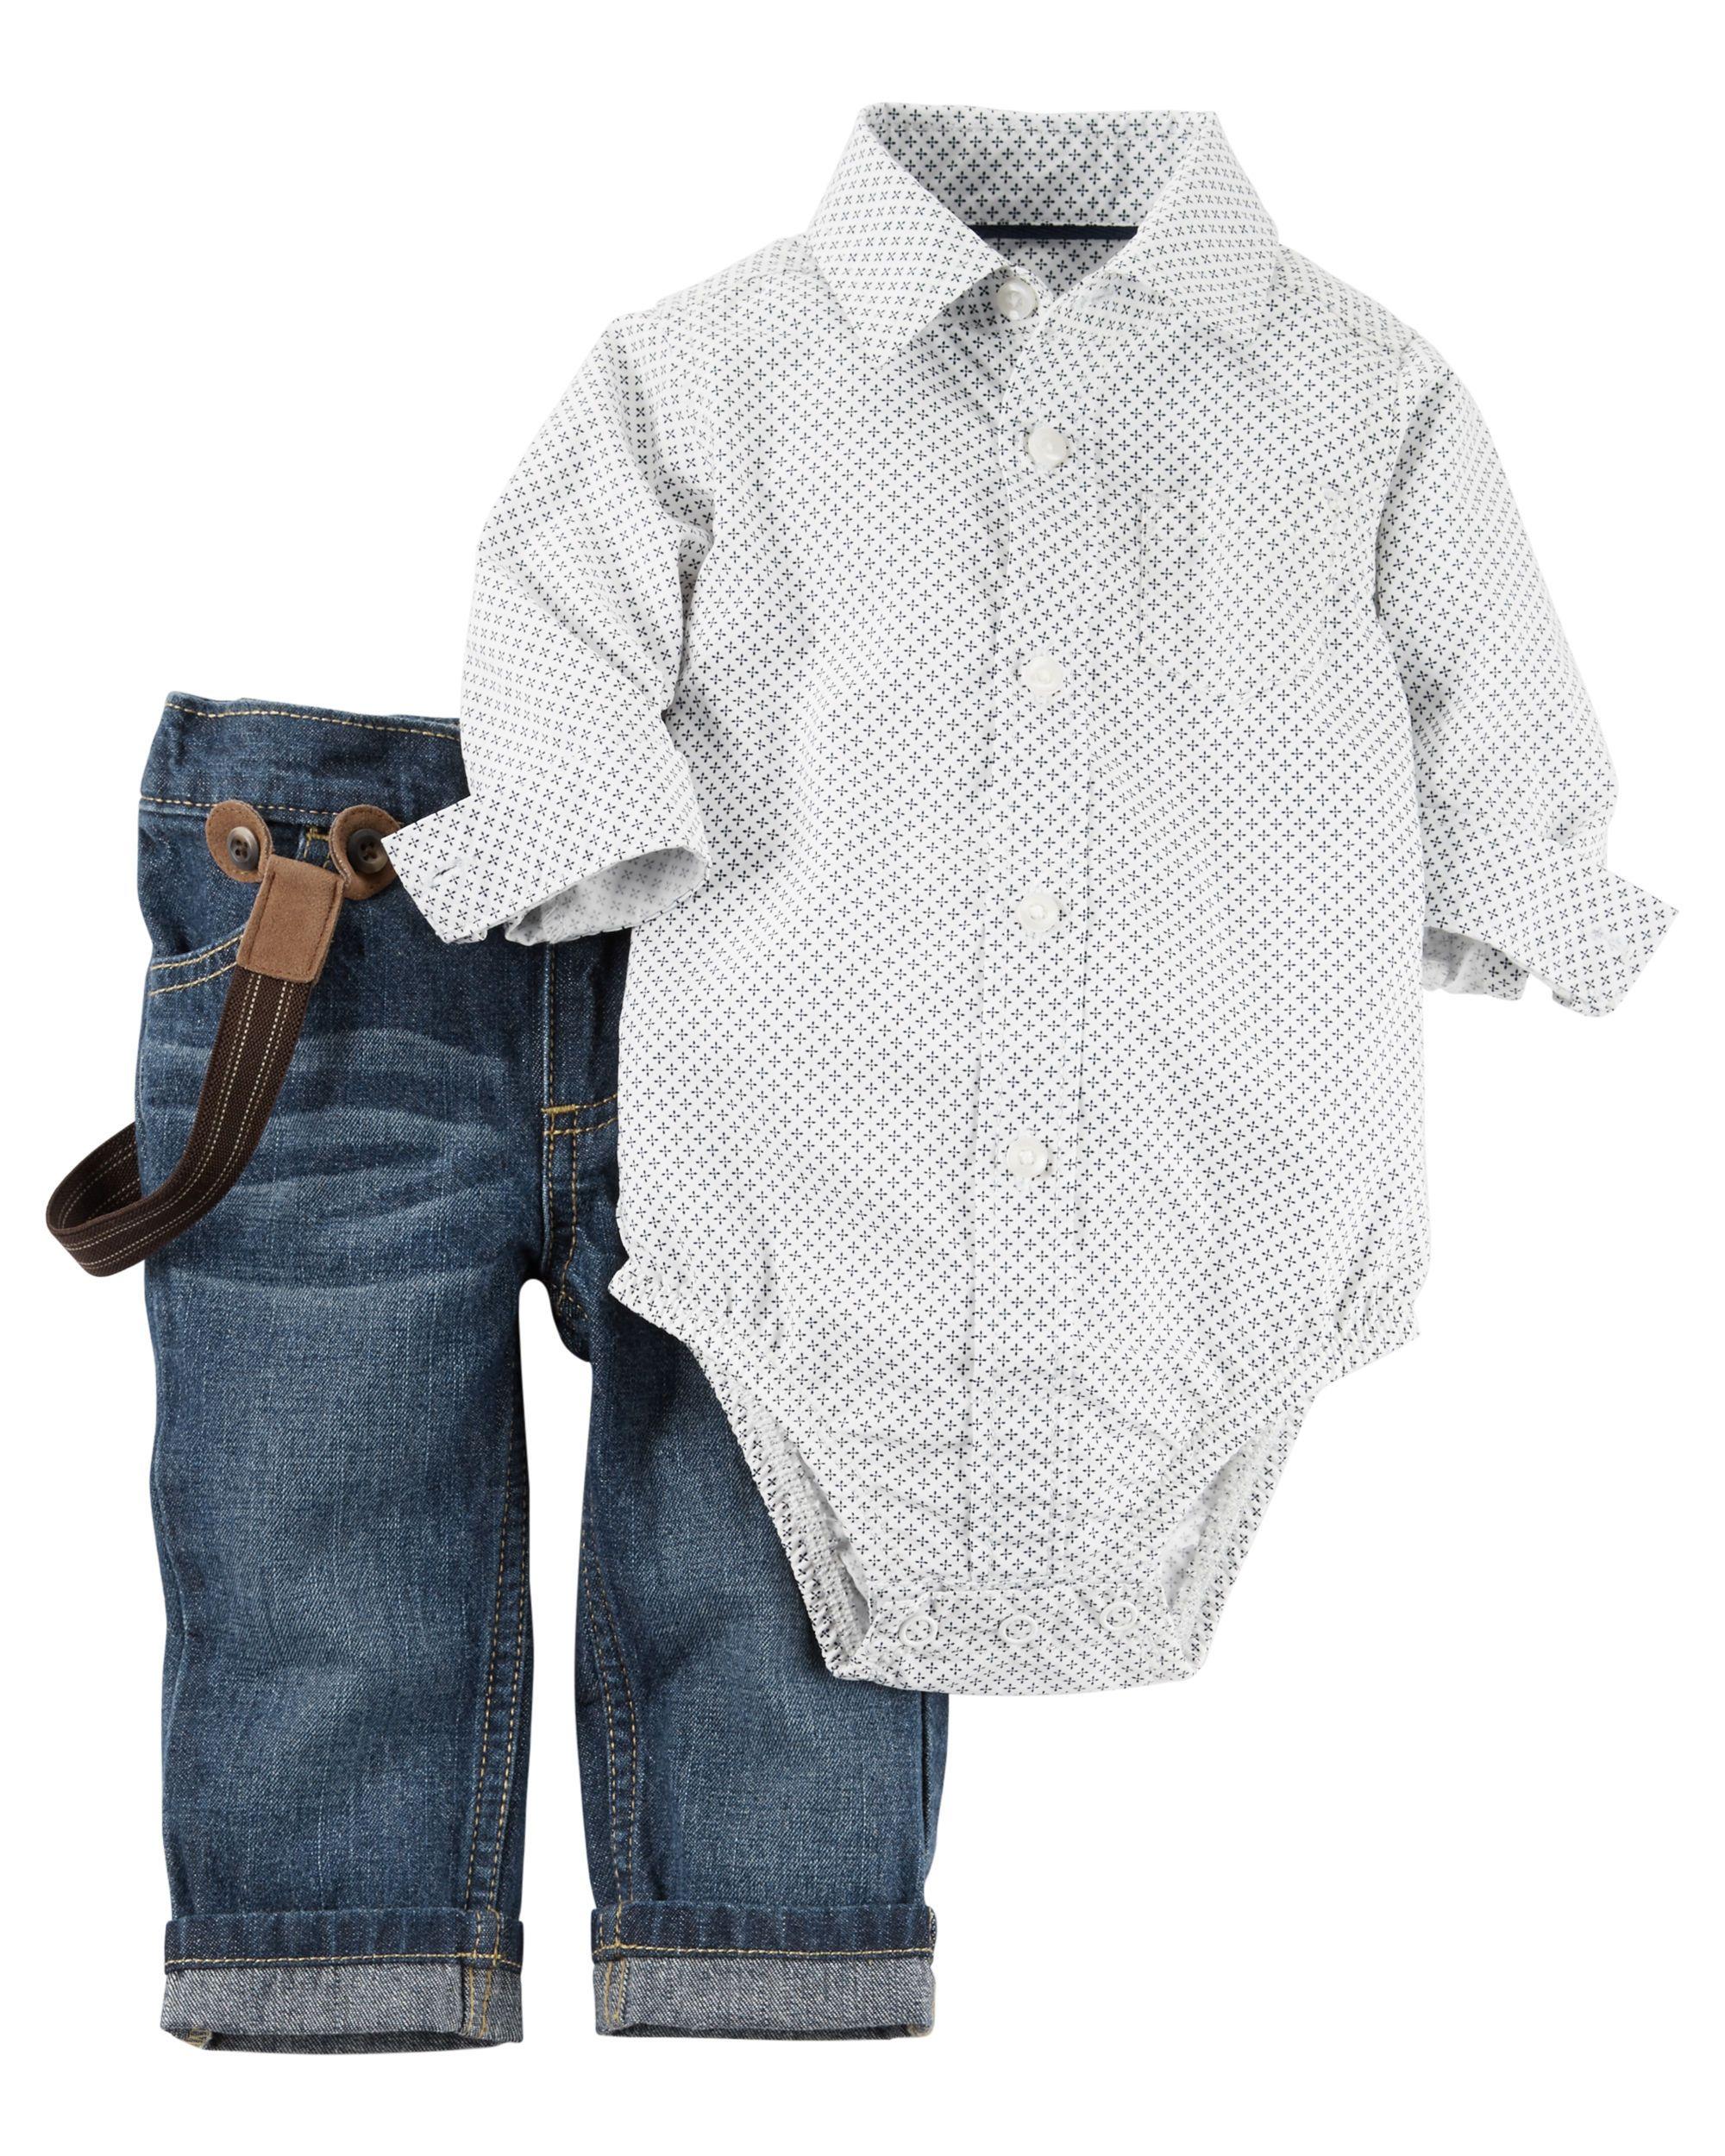 2 Piece Bodysuit Jean Set Babies Babies Clothes And Clothes